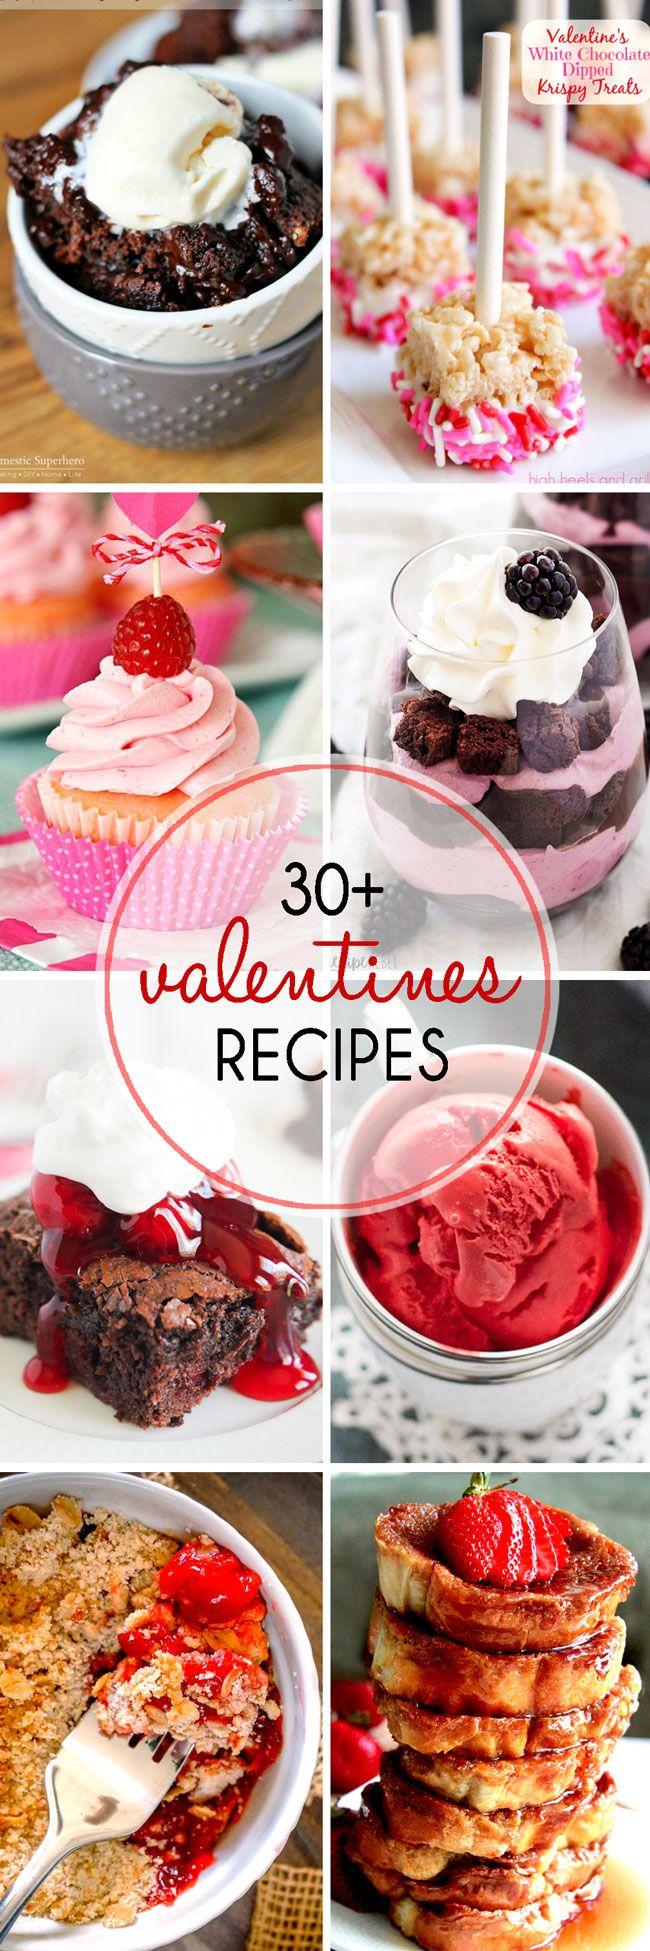 318 best Valentine's Day Ideas images on Pinterest | Valentine ...